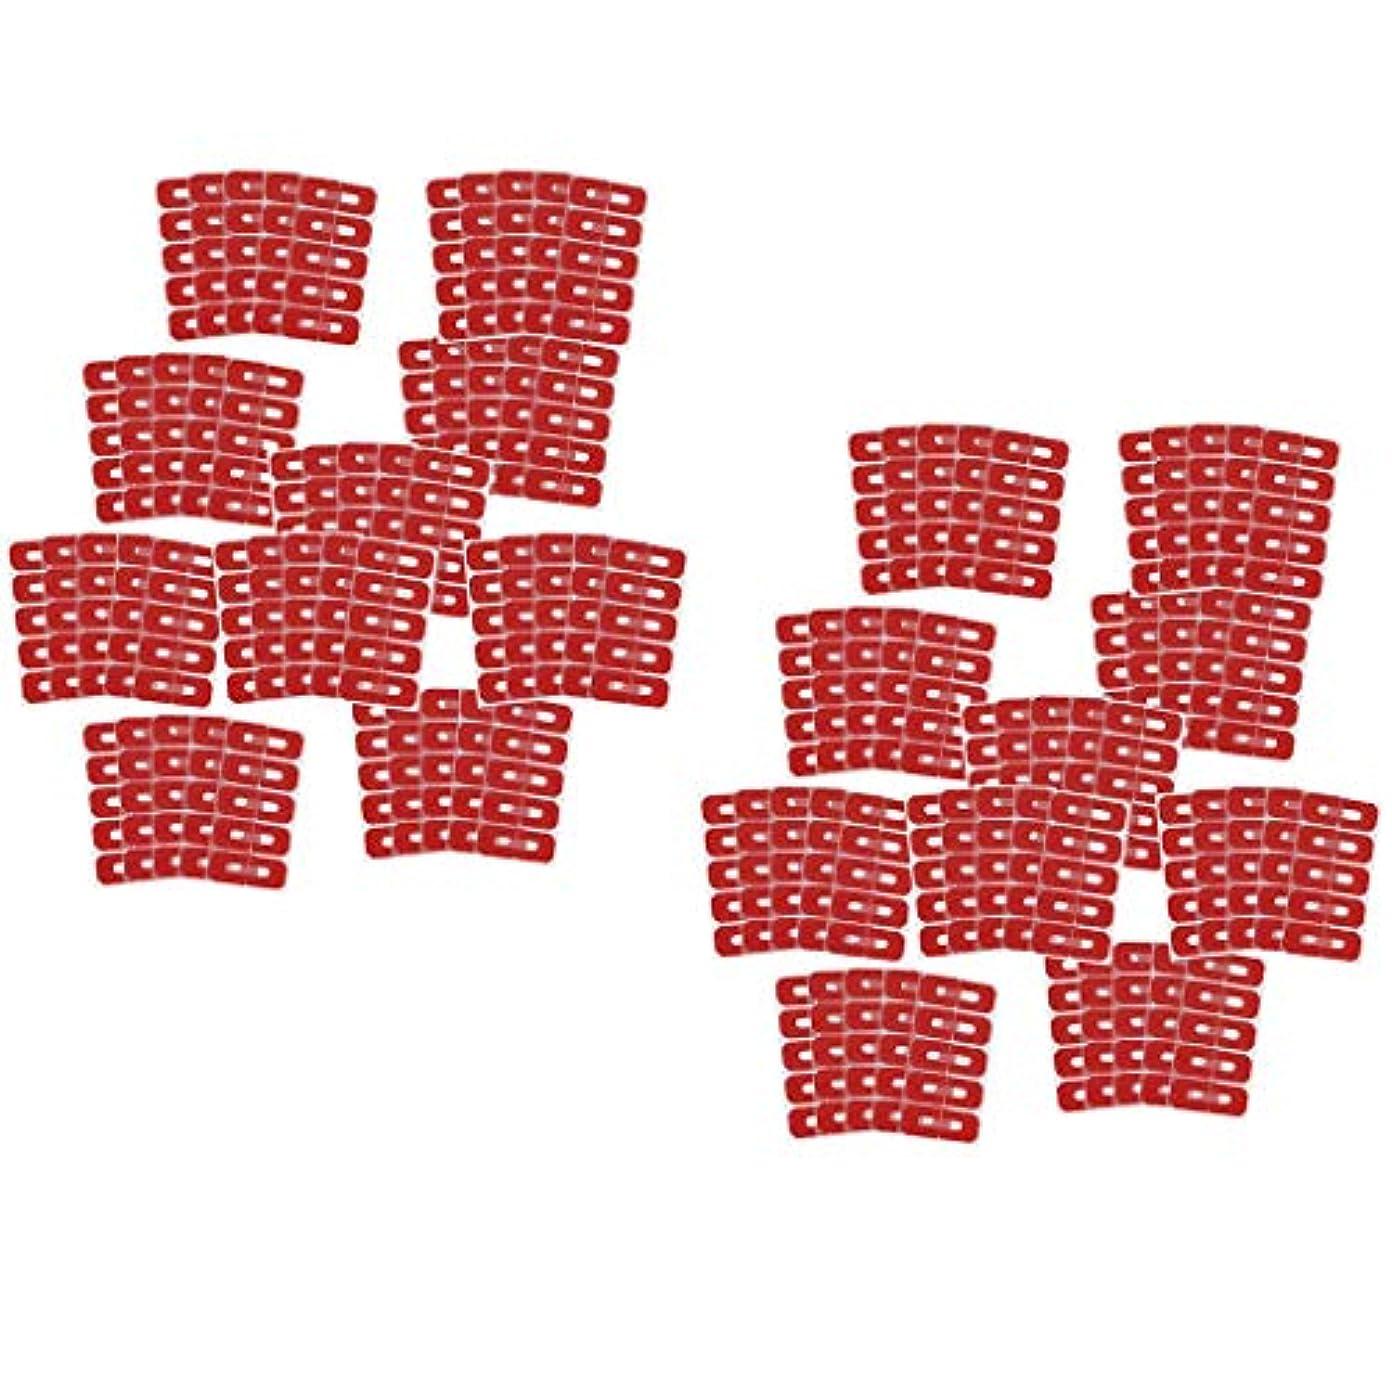 マルクス主義者発表以降Injoyo ネイルアート マニキュア ネイルカバー ステッカー 使い捨て ネイルアートツール